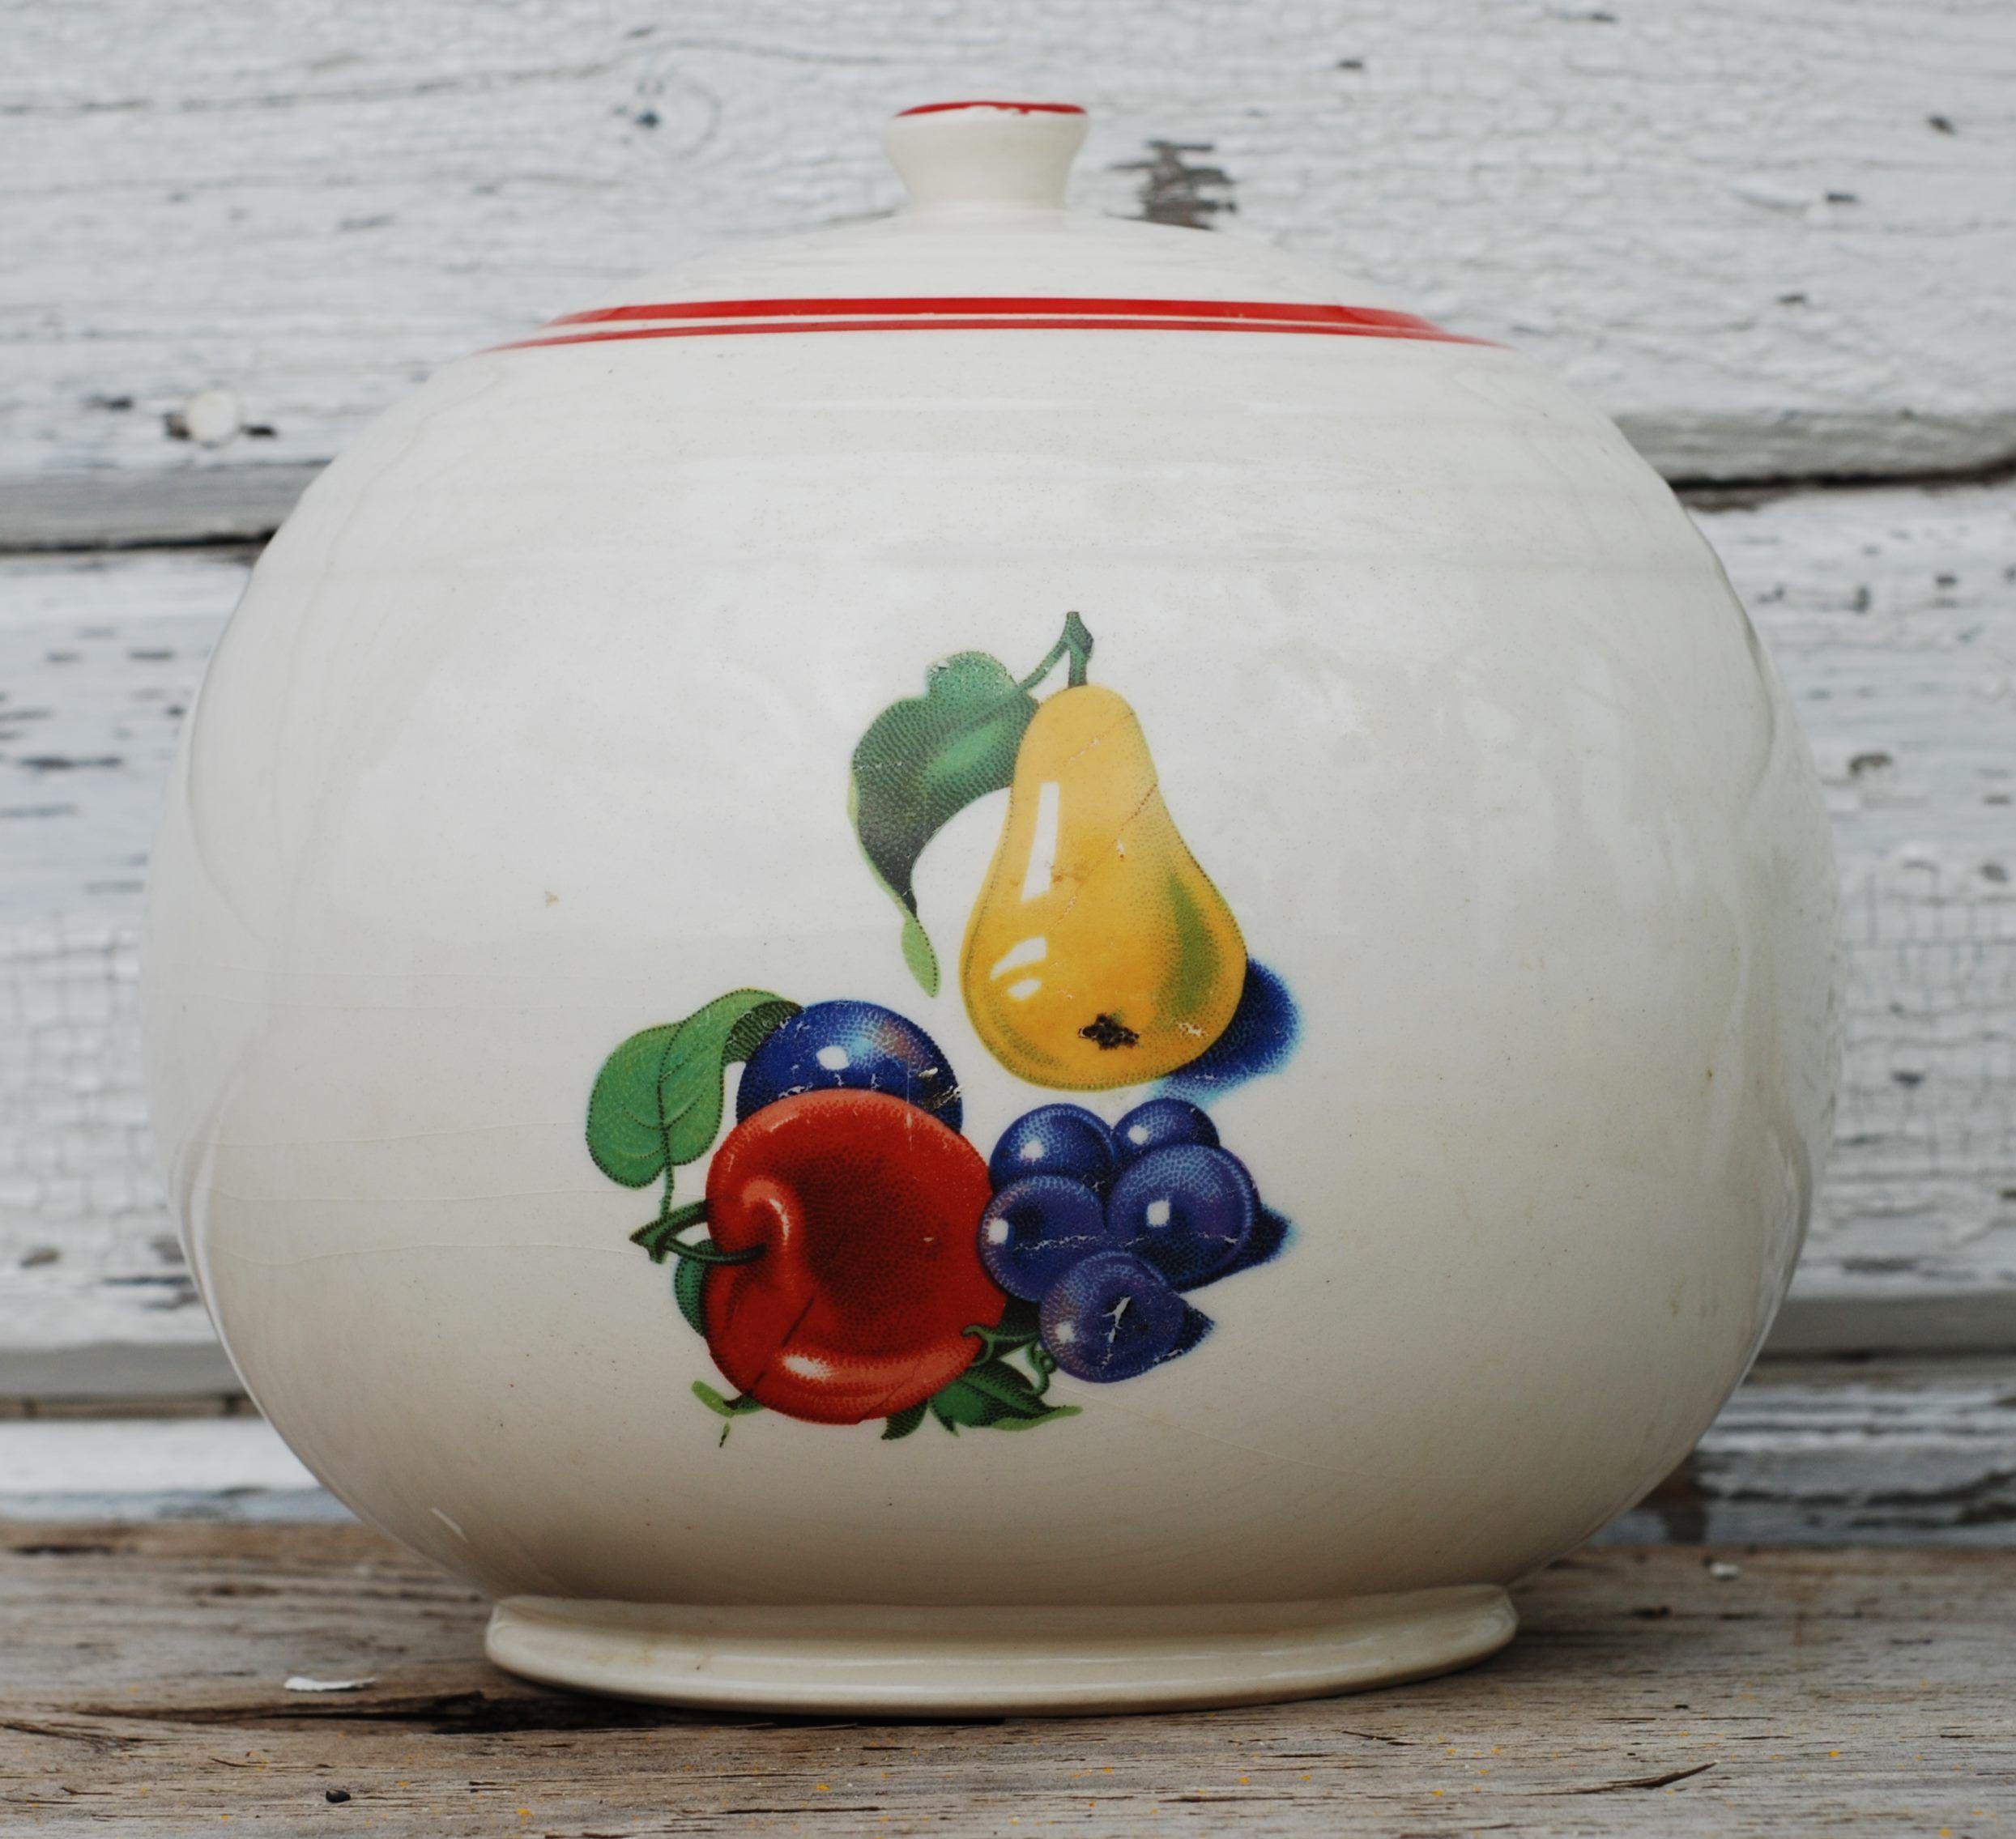 My cookie jar  (fruit decal)